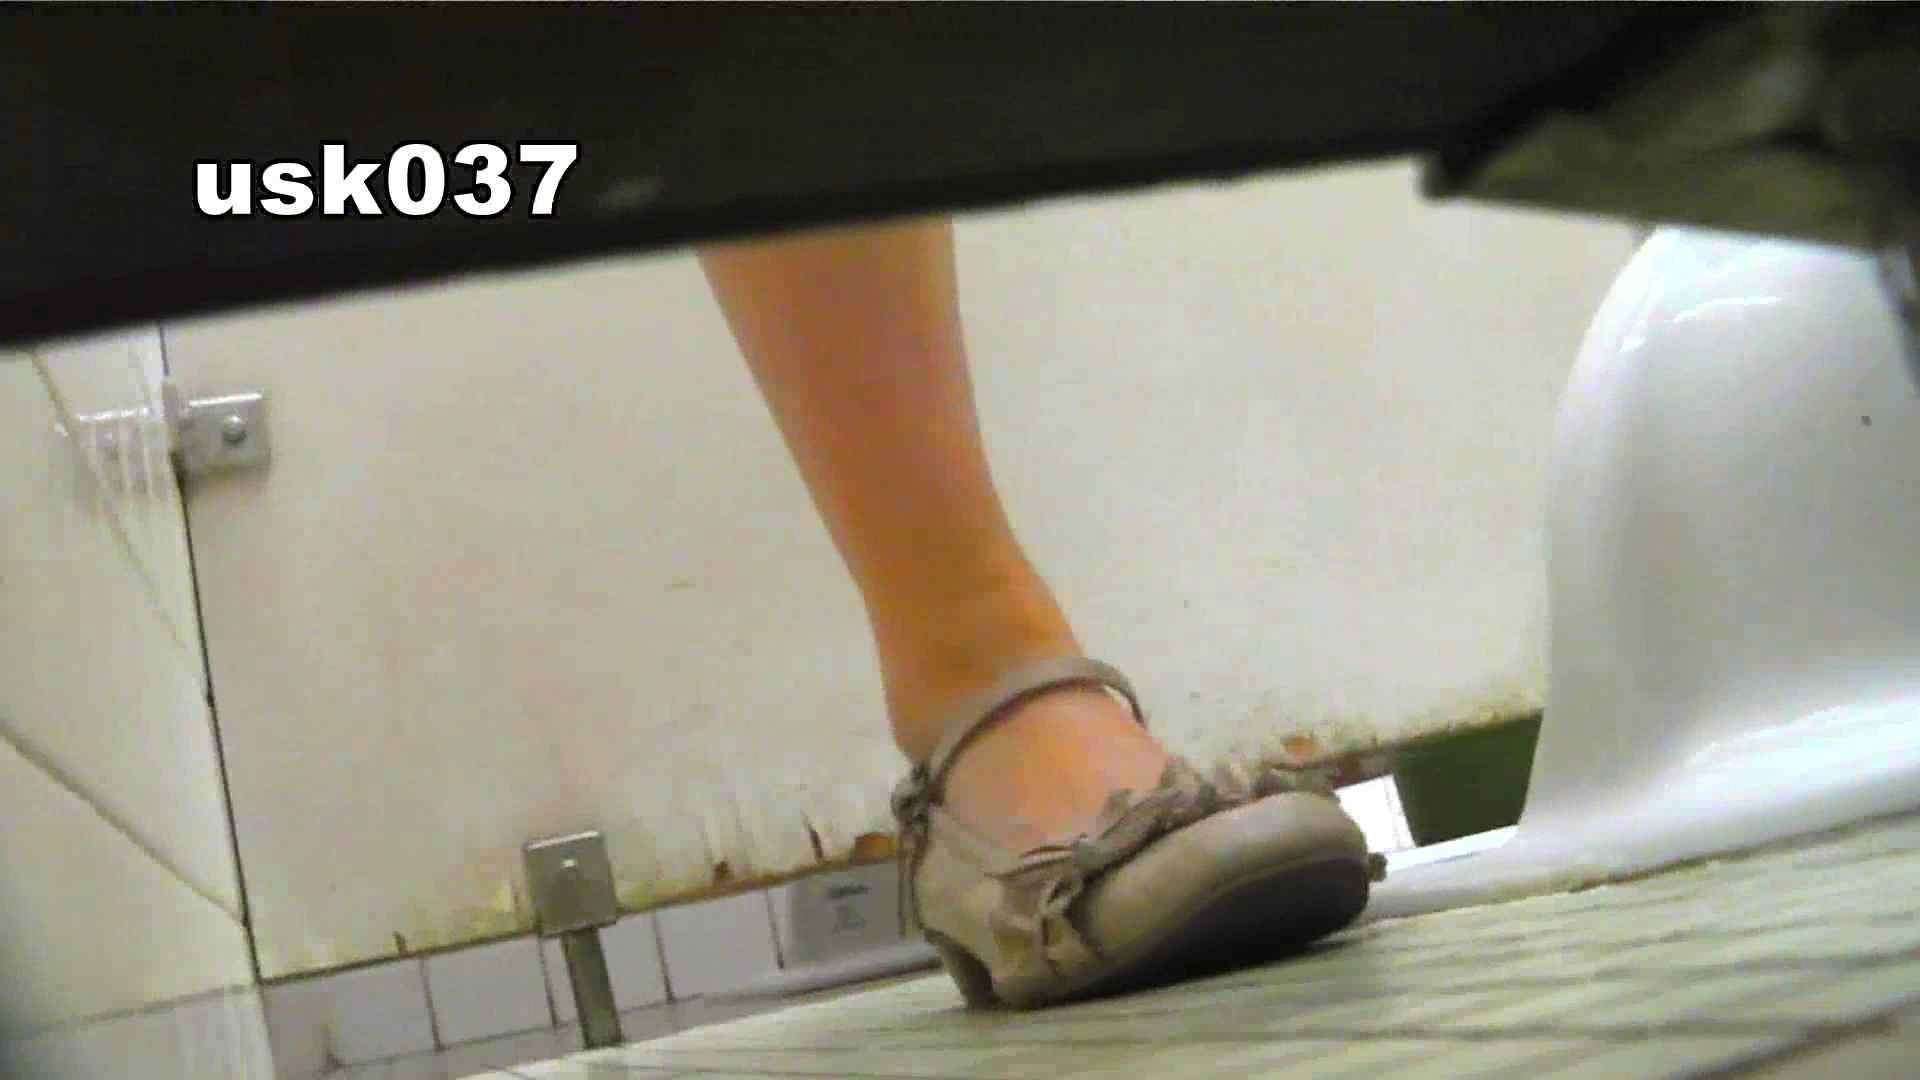 【美しき個室な世界】 vol.037 ひねり出す様子(フトイです) 洗面所  73PIX 1